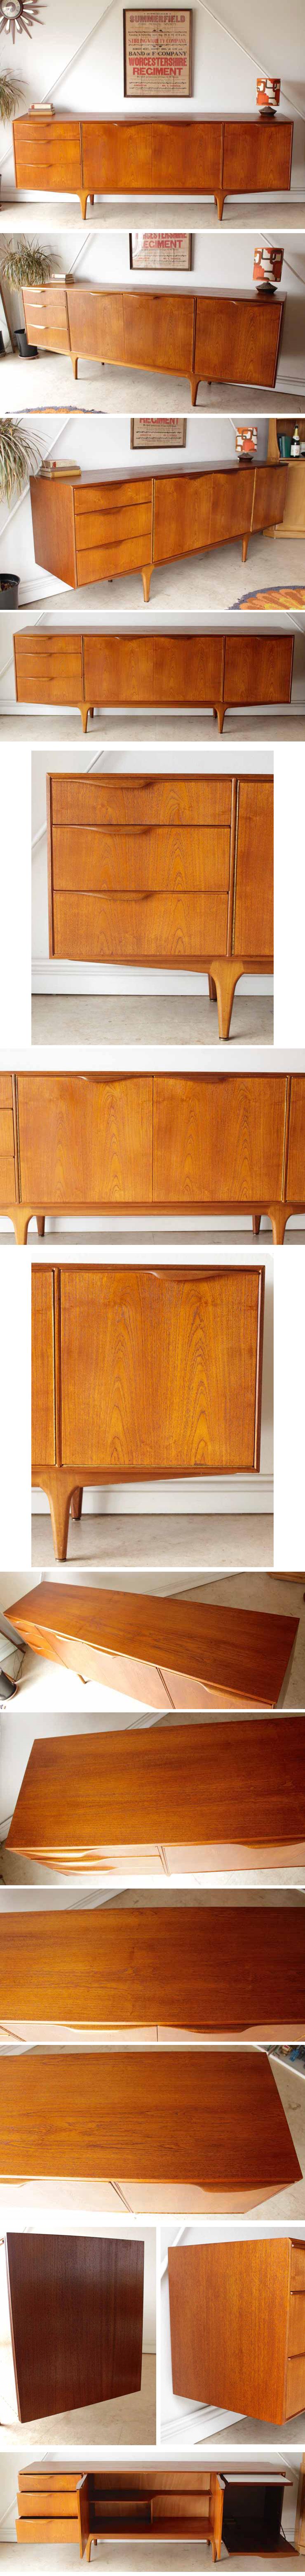 Mcintoshマッキントッシュサイドボード・イギリス製【チーク】ビンテージ家具/アンティーク・ミッドセンチュリー家具